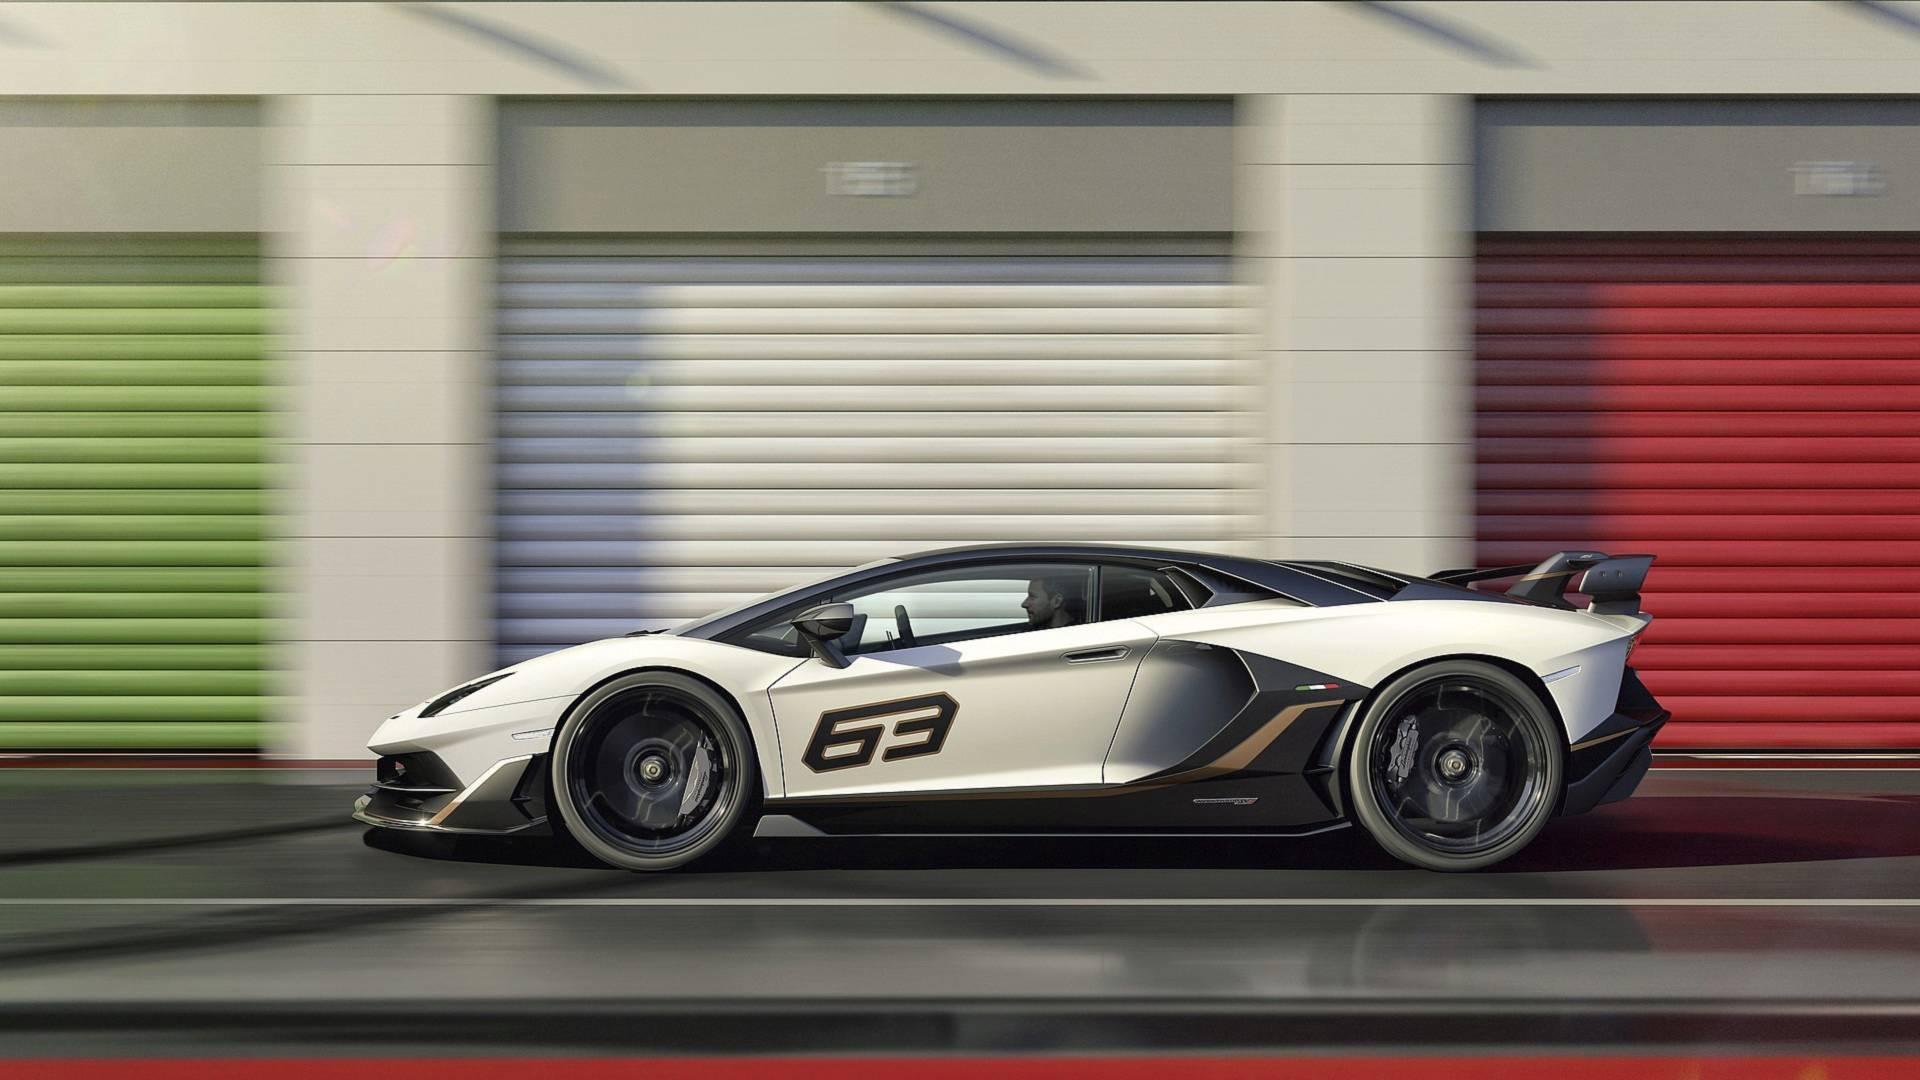 Lamborghini_Aventador_SVJ_0020